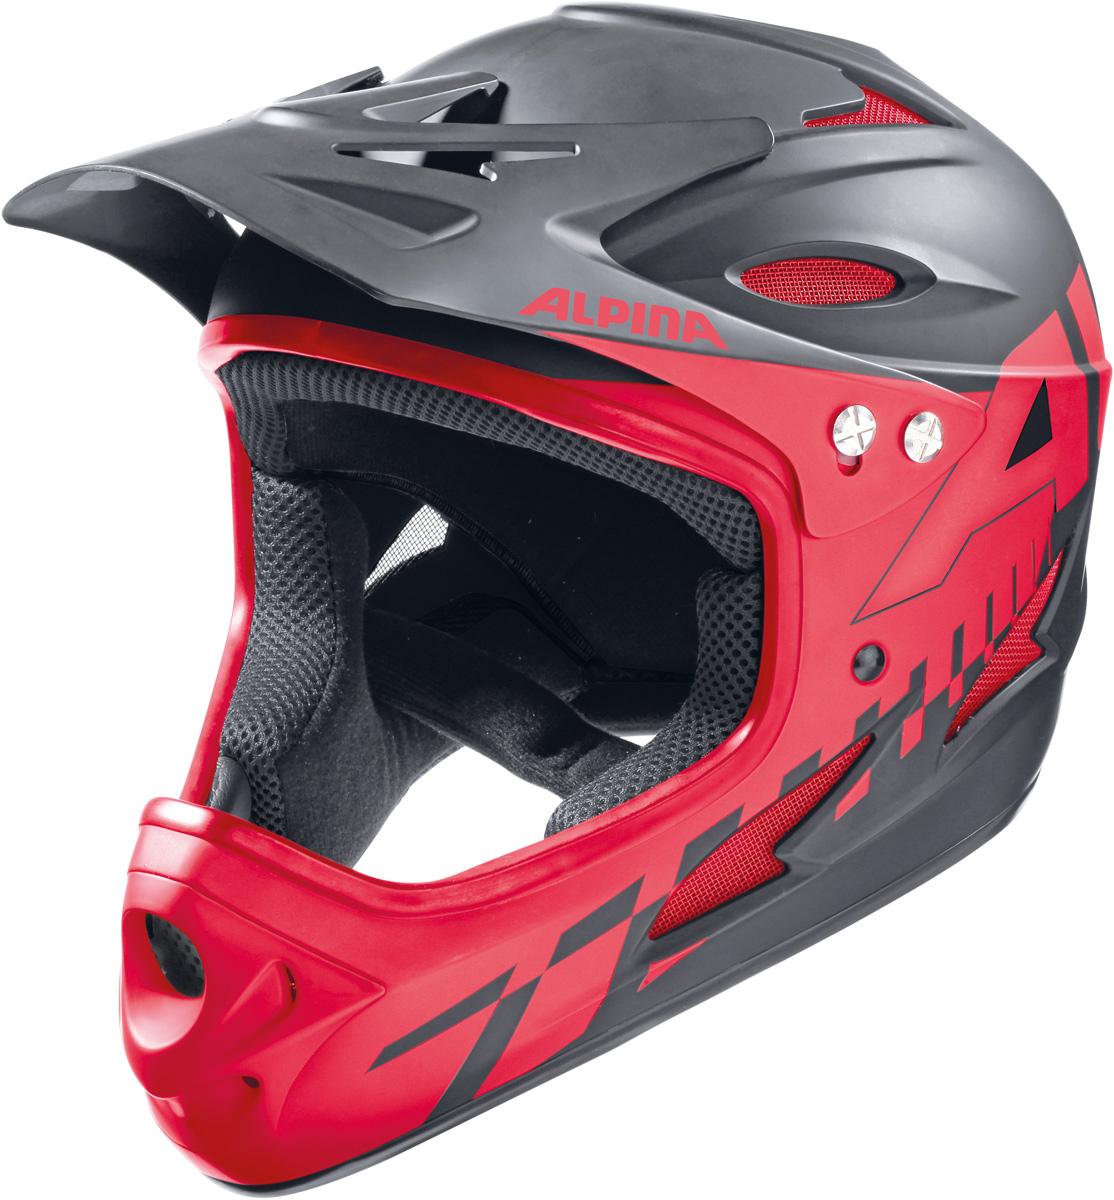 Шлем горнолыжный Alpina Fullface, цвет: черный, красный. A9689_32. Размер 59-60A9689_32Шлем-фуллфейс удовлетворит самые требовательные пожелания относительно защиты лица и головы. Alpina Fullface сертифицирован сразу по двум EN-стандартам: как горнолыжный (EN-1077), и как велосипедный шлем для экстремальных дисциплин (EN-1078). Модель Alpina Fullface является одной из самых лёгких в своём классе - средний вес шлема составляет всего 970 грамм!Характеристики:- Шлем имеет максимально надёжную и долговечную Hardshell конструкцию - предварительно отлитая оболочка из ударопрочного пластика ABS прочно соединена с внутренней оболочкой из вспененного полистирола- Вентиляционные отверстия препятствуют перегреву и позволяют поддерживать идеальную температуру внутри шлема. Для этого инженеры Alpina используют эффект Вентури, чтобы сделать циркуляцию воздуха постоянной и максимально эффективной- Регулируемый козырёк- Вентиляционные отверстия в передней части шлема снабжены противосмоскитной сеткой- Вместо фастекса на ремешке используется красная кнопка с автоматическим запирающим механизмом, которую легко использовать даже в лыжных перчатках. Механизм защищён от произвольного раскрытия при падении